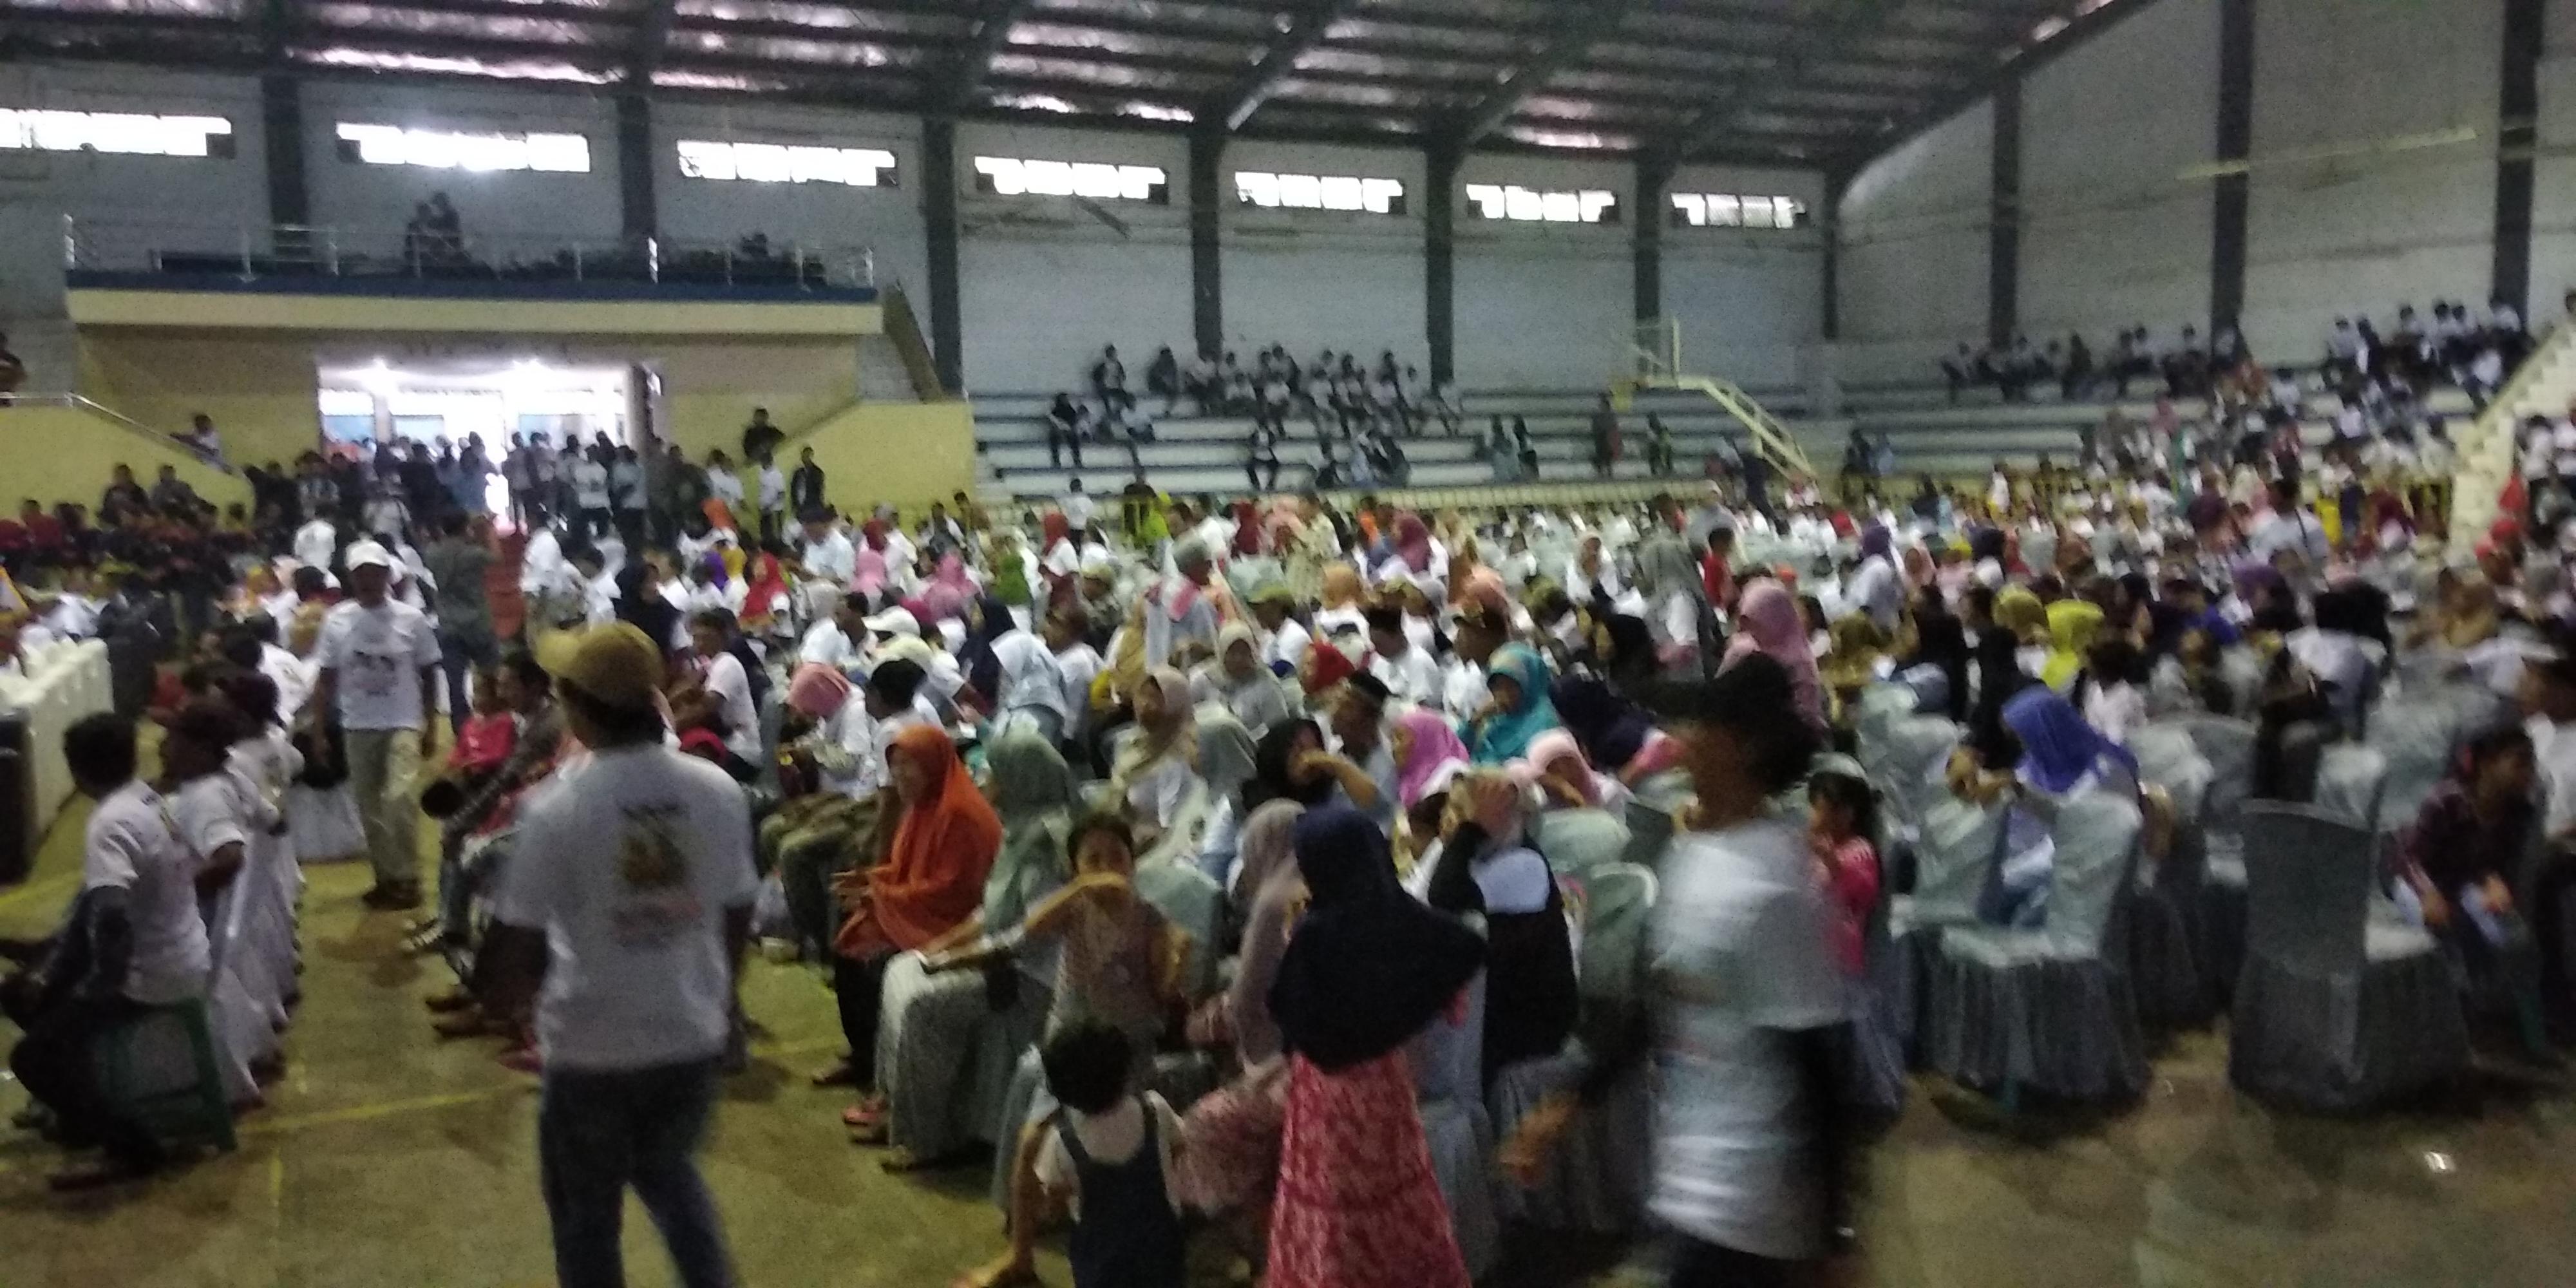 Deklarasi nelayan jokowi di Kota Serang tak berizin